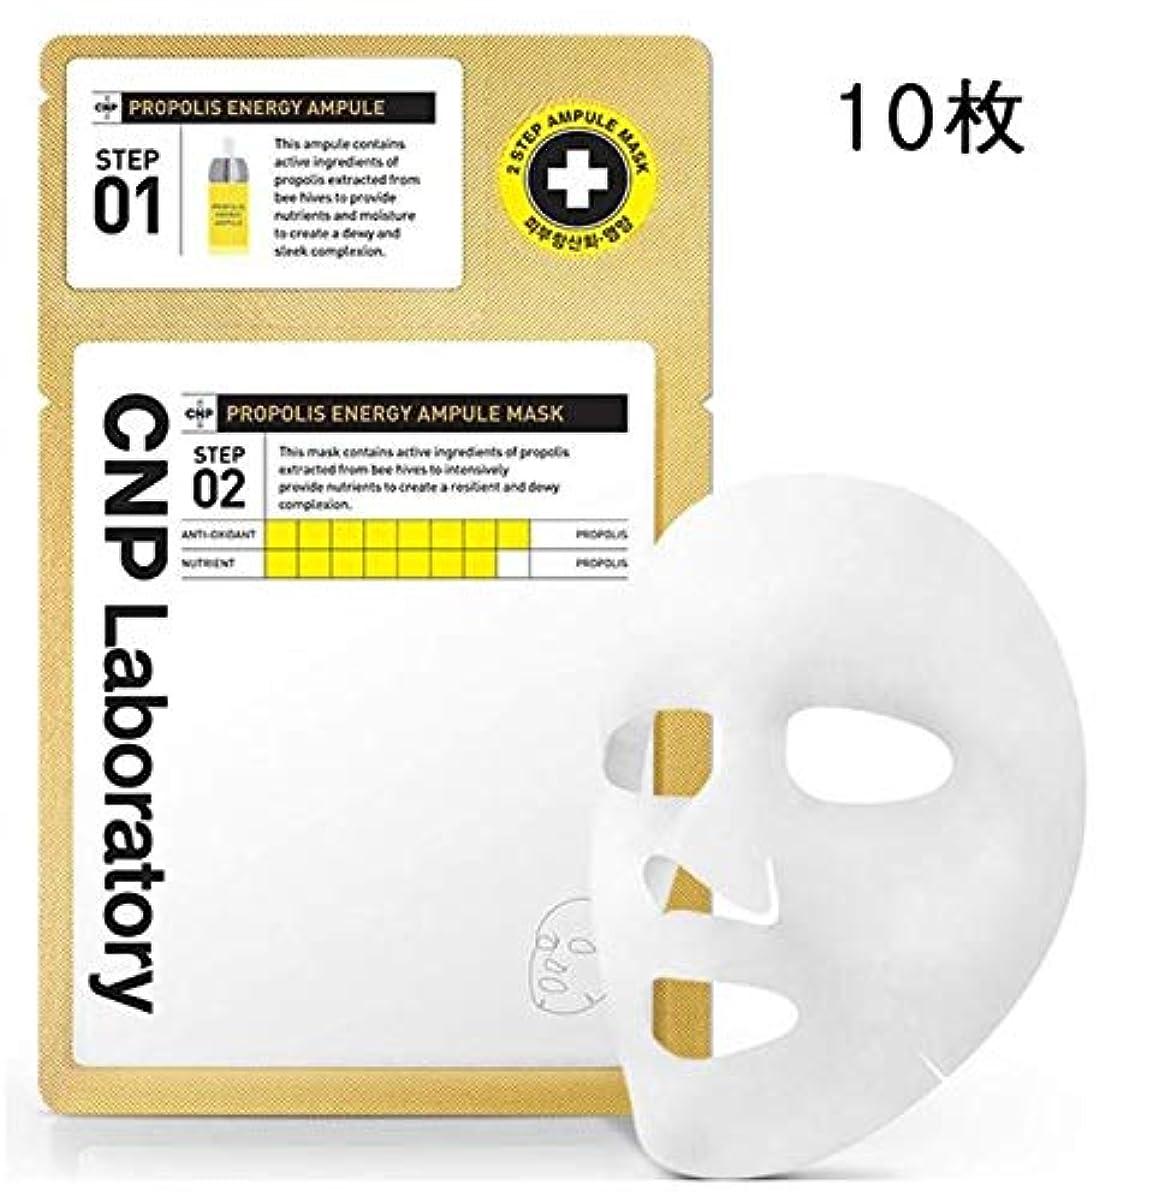 オーブンボイコット召喚する[CNP]チャ&パクプロポリスエネルギーアンプルマスクパック10枚 (1step 1.5ml + 2step 30ml)[海外直送品][並行輸入品]